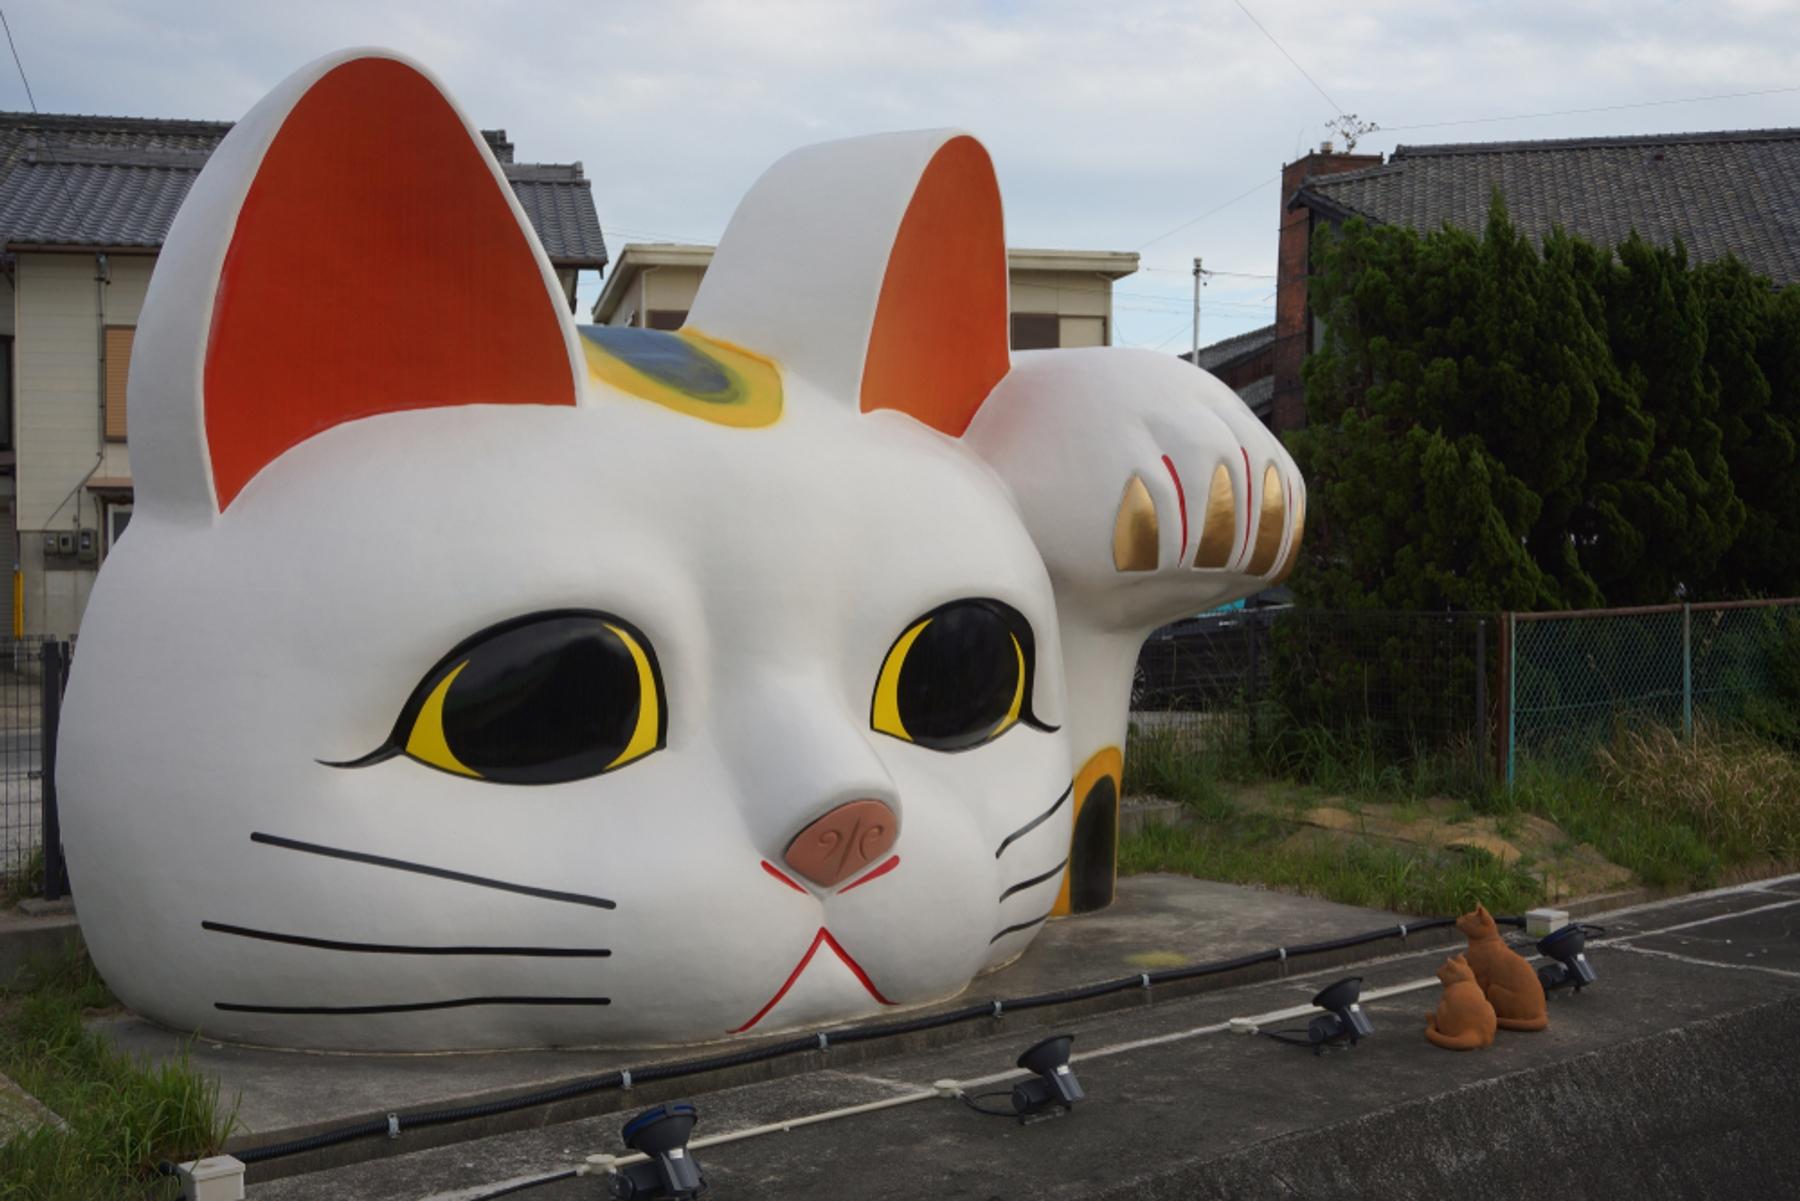 愛知県 とこなめ招き猫通りに鎮座する巨大招き猫